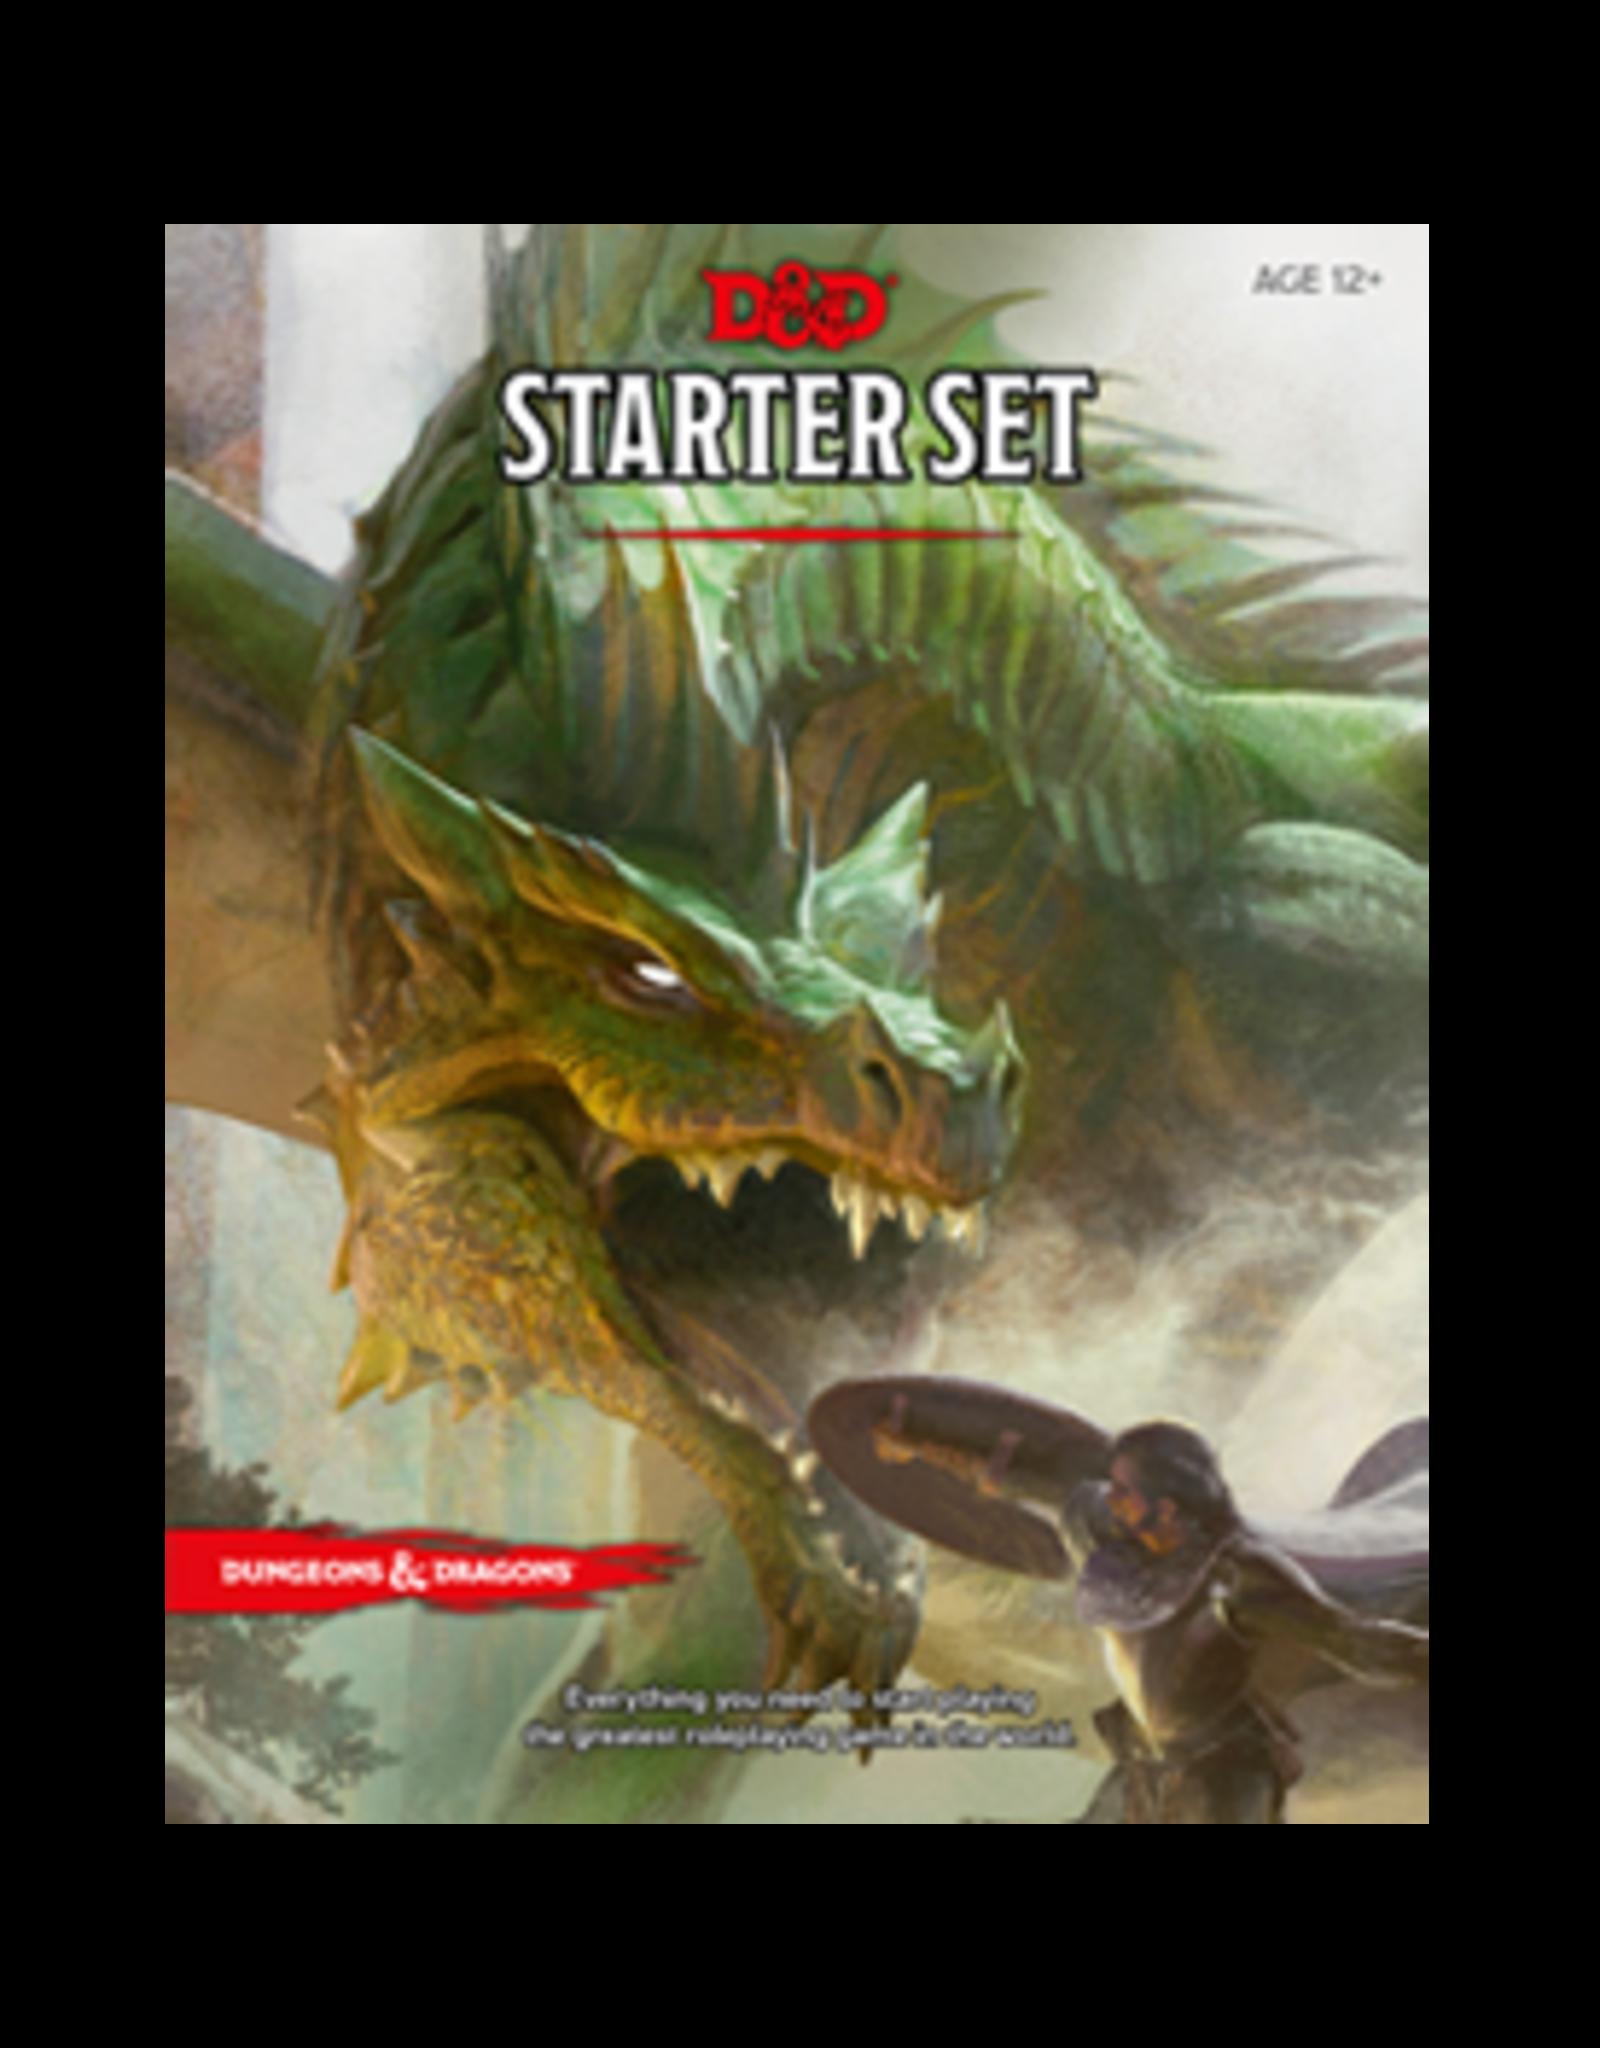 DnD D&D Fantasy Roleplaying Game Starter Set